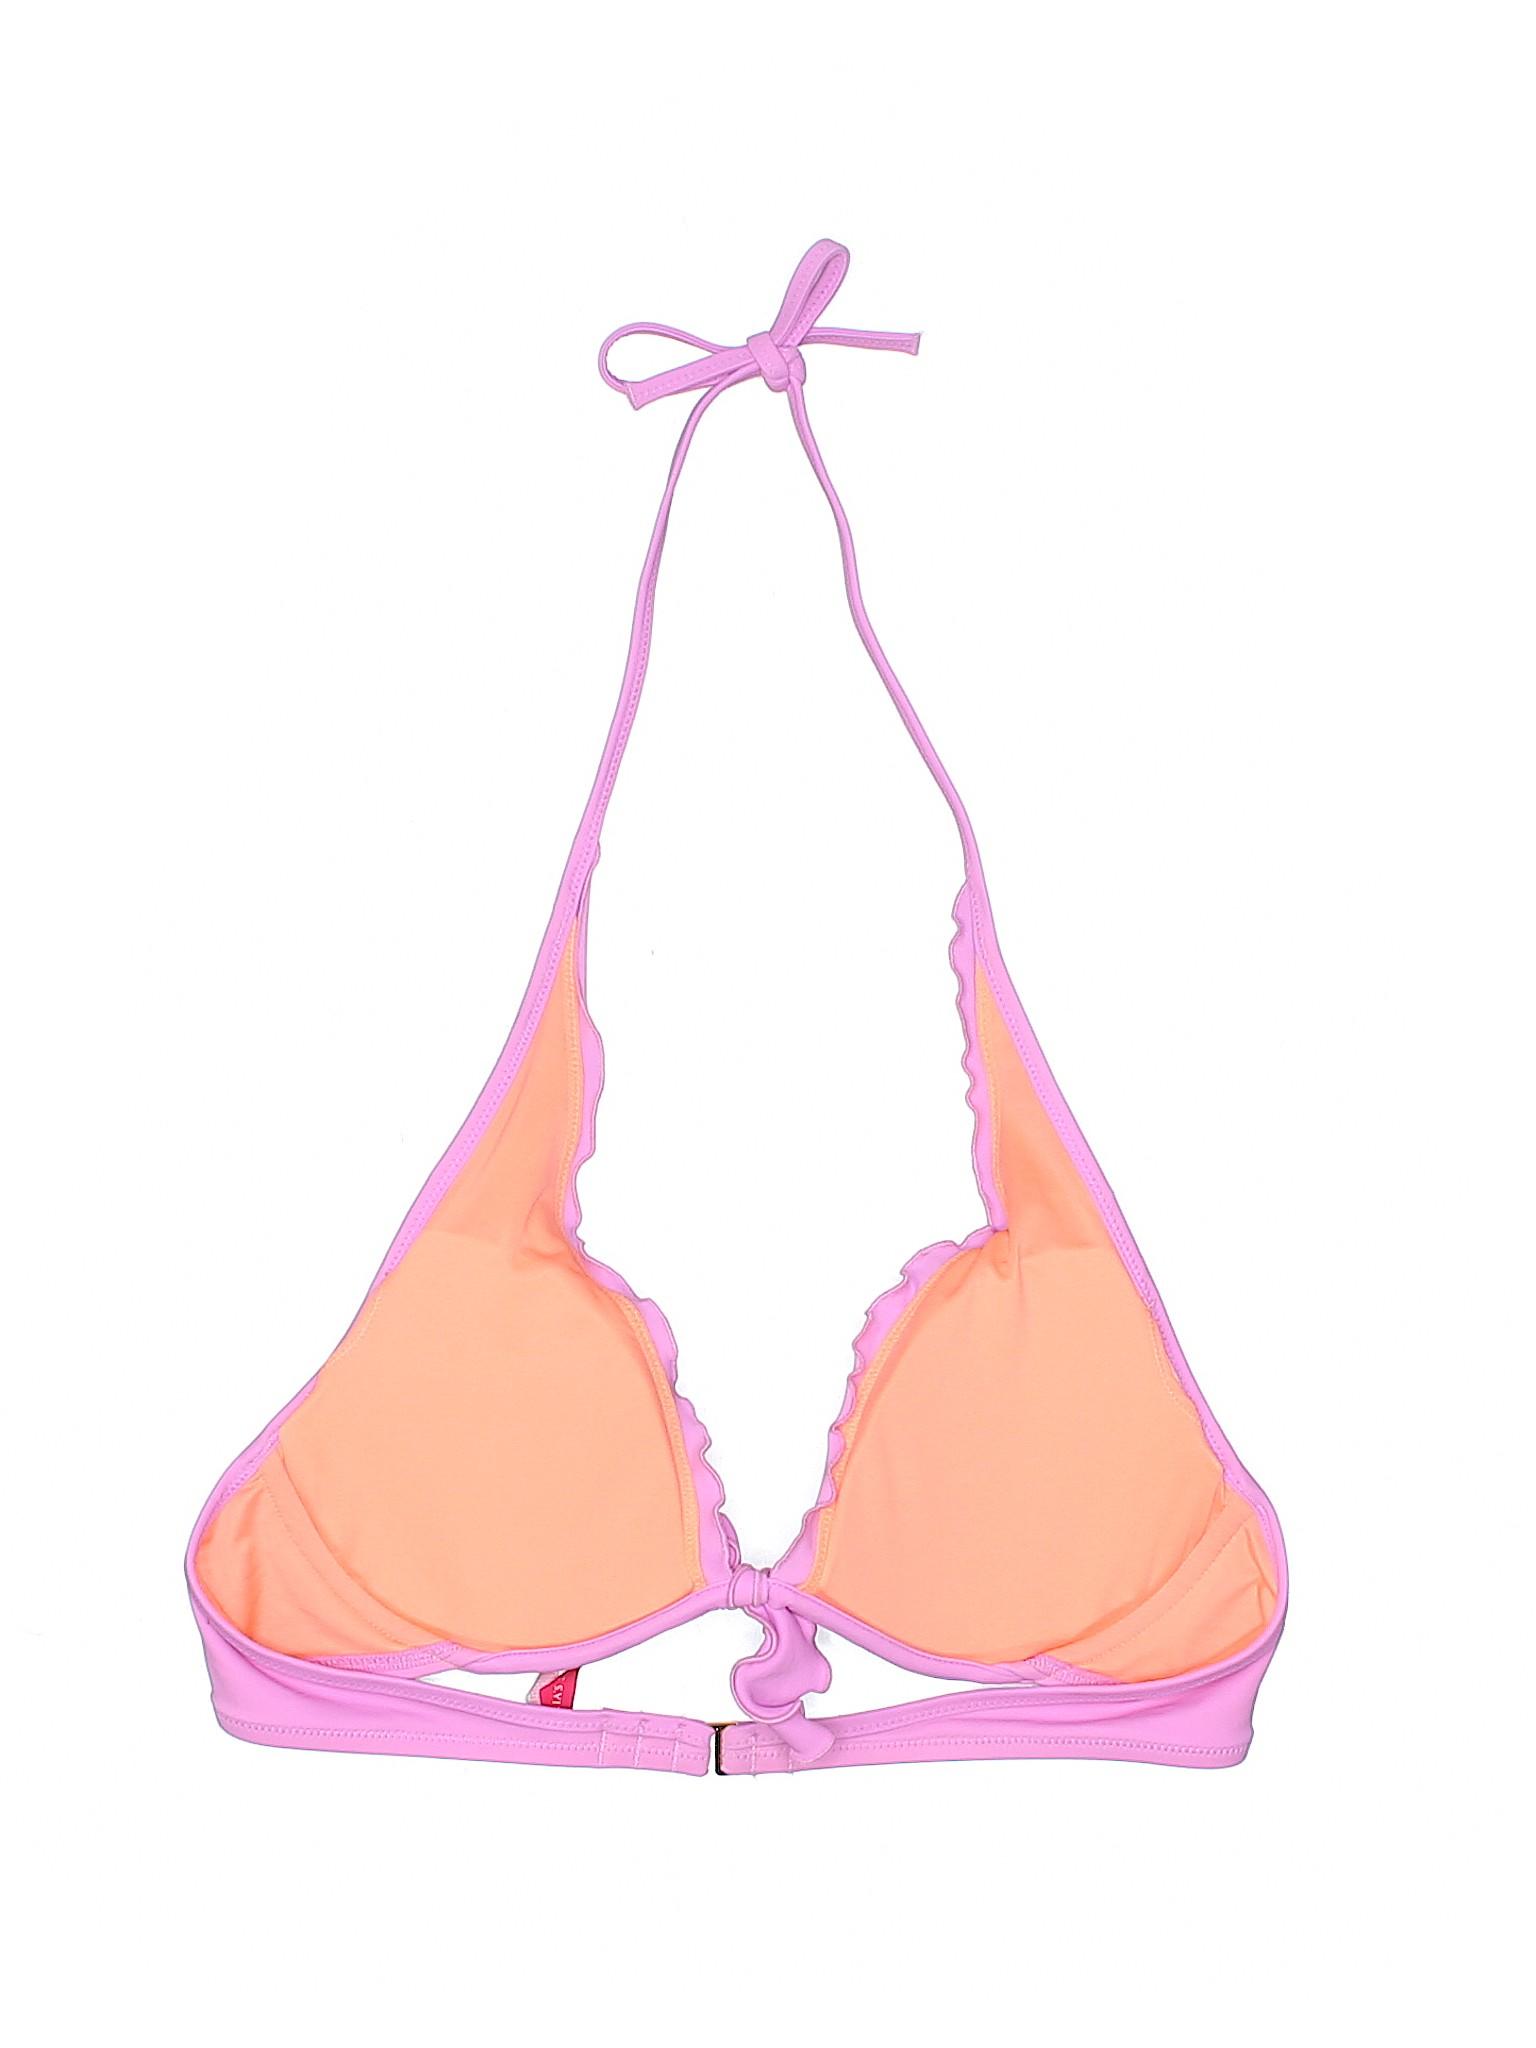 Secret Victoria's Top Boutique Boutique Swimsuit Victoria's Secret Secret Boutique Swimsuit Victoria's Top Swimsuit HICqH0